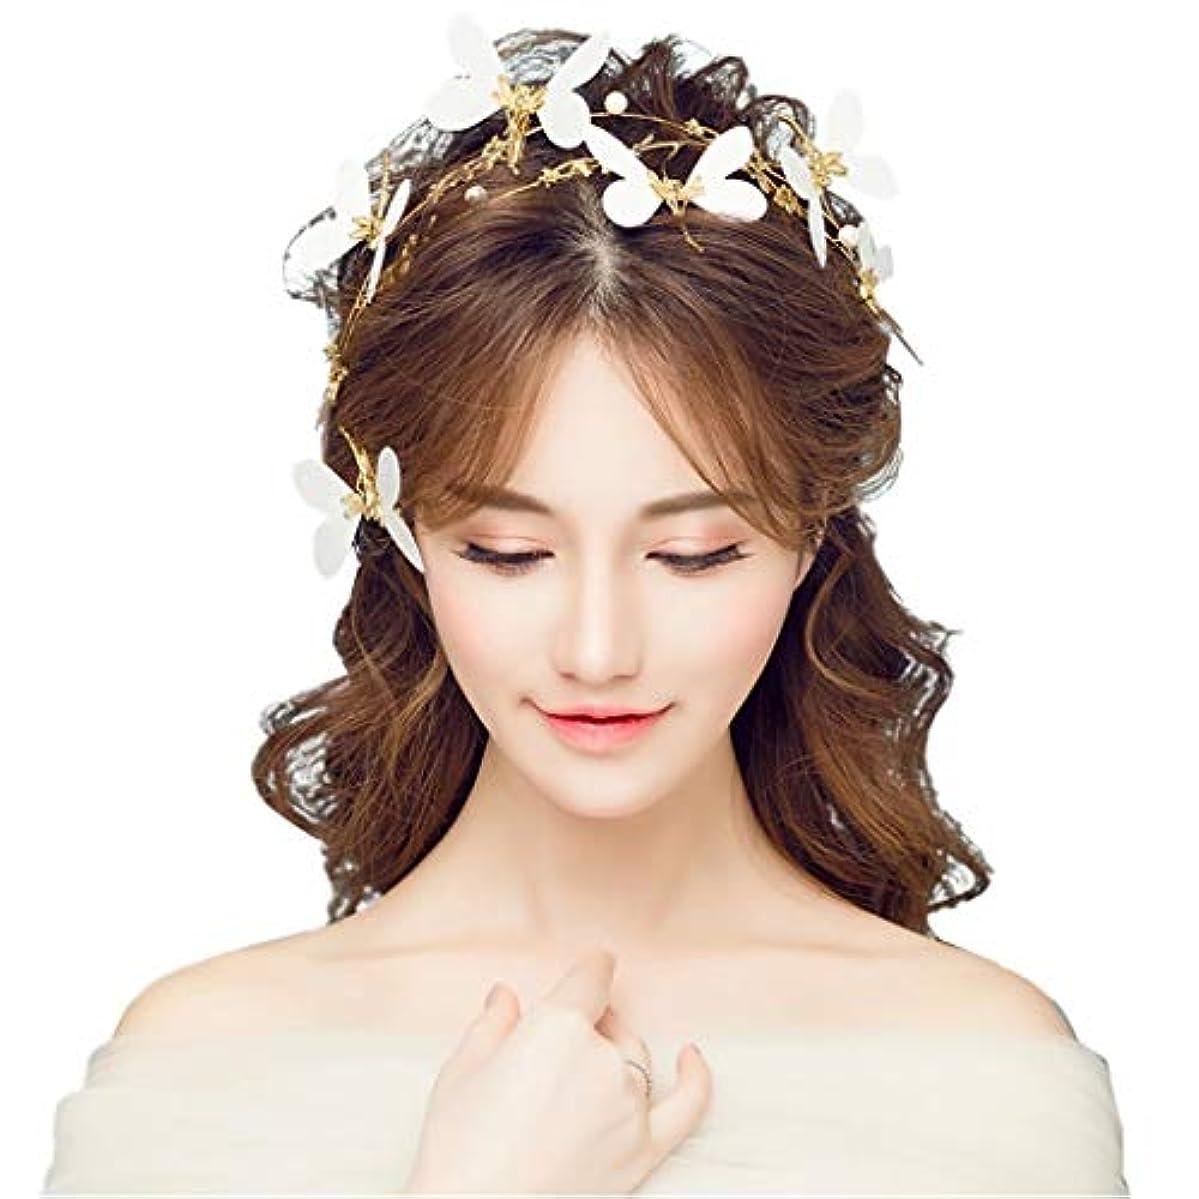 用心象無声で手作りのガーランド、ブライダルヘッドドレススーパー妖精ヘッド小さな蝶ヘッドドレスパールラインストーンジュエリー結婚式のアクセサリーヘアアクセサリー付きパールフラワーウェディング、パーティー